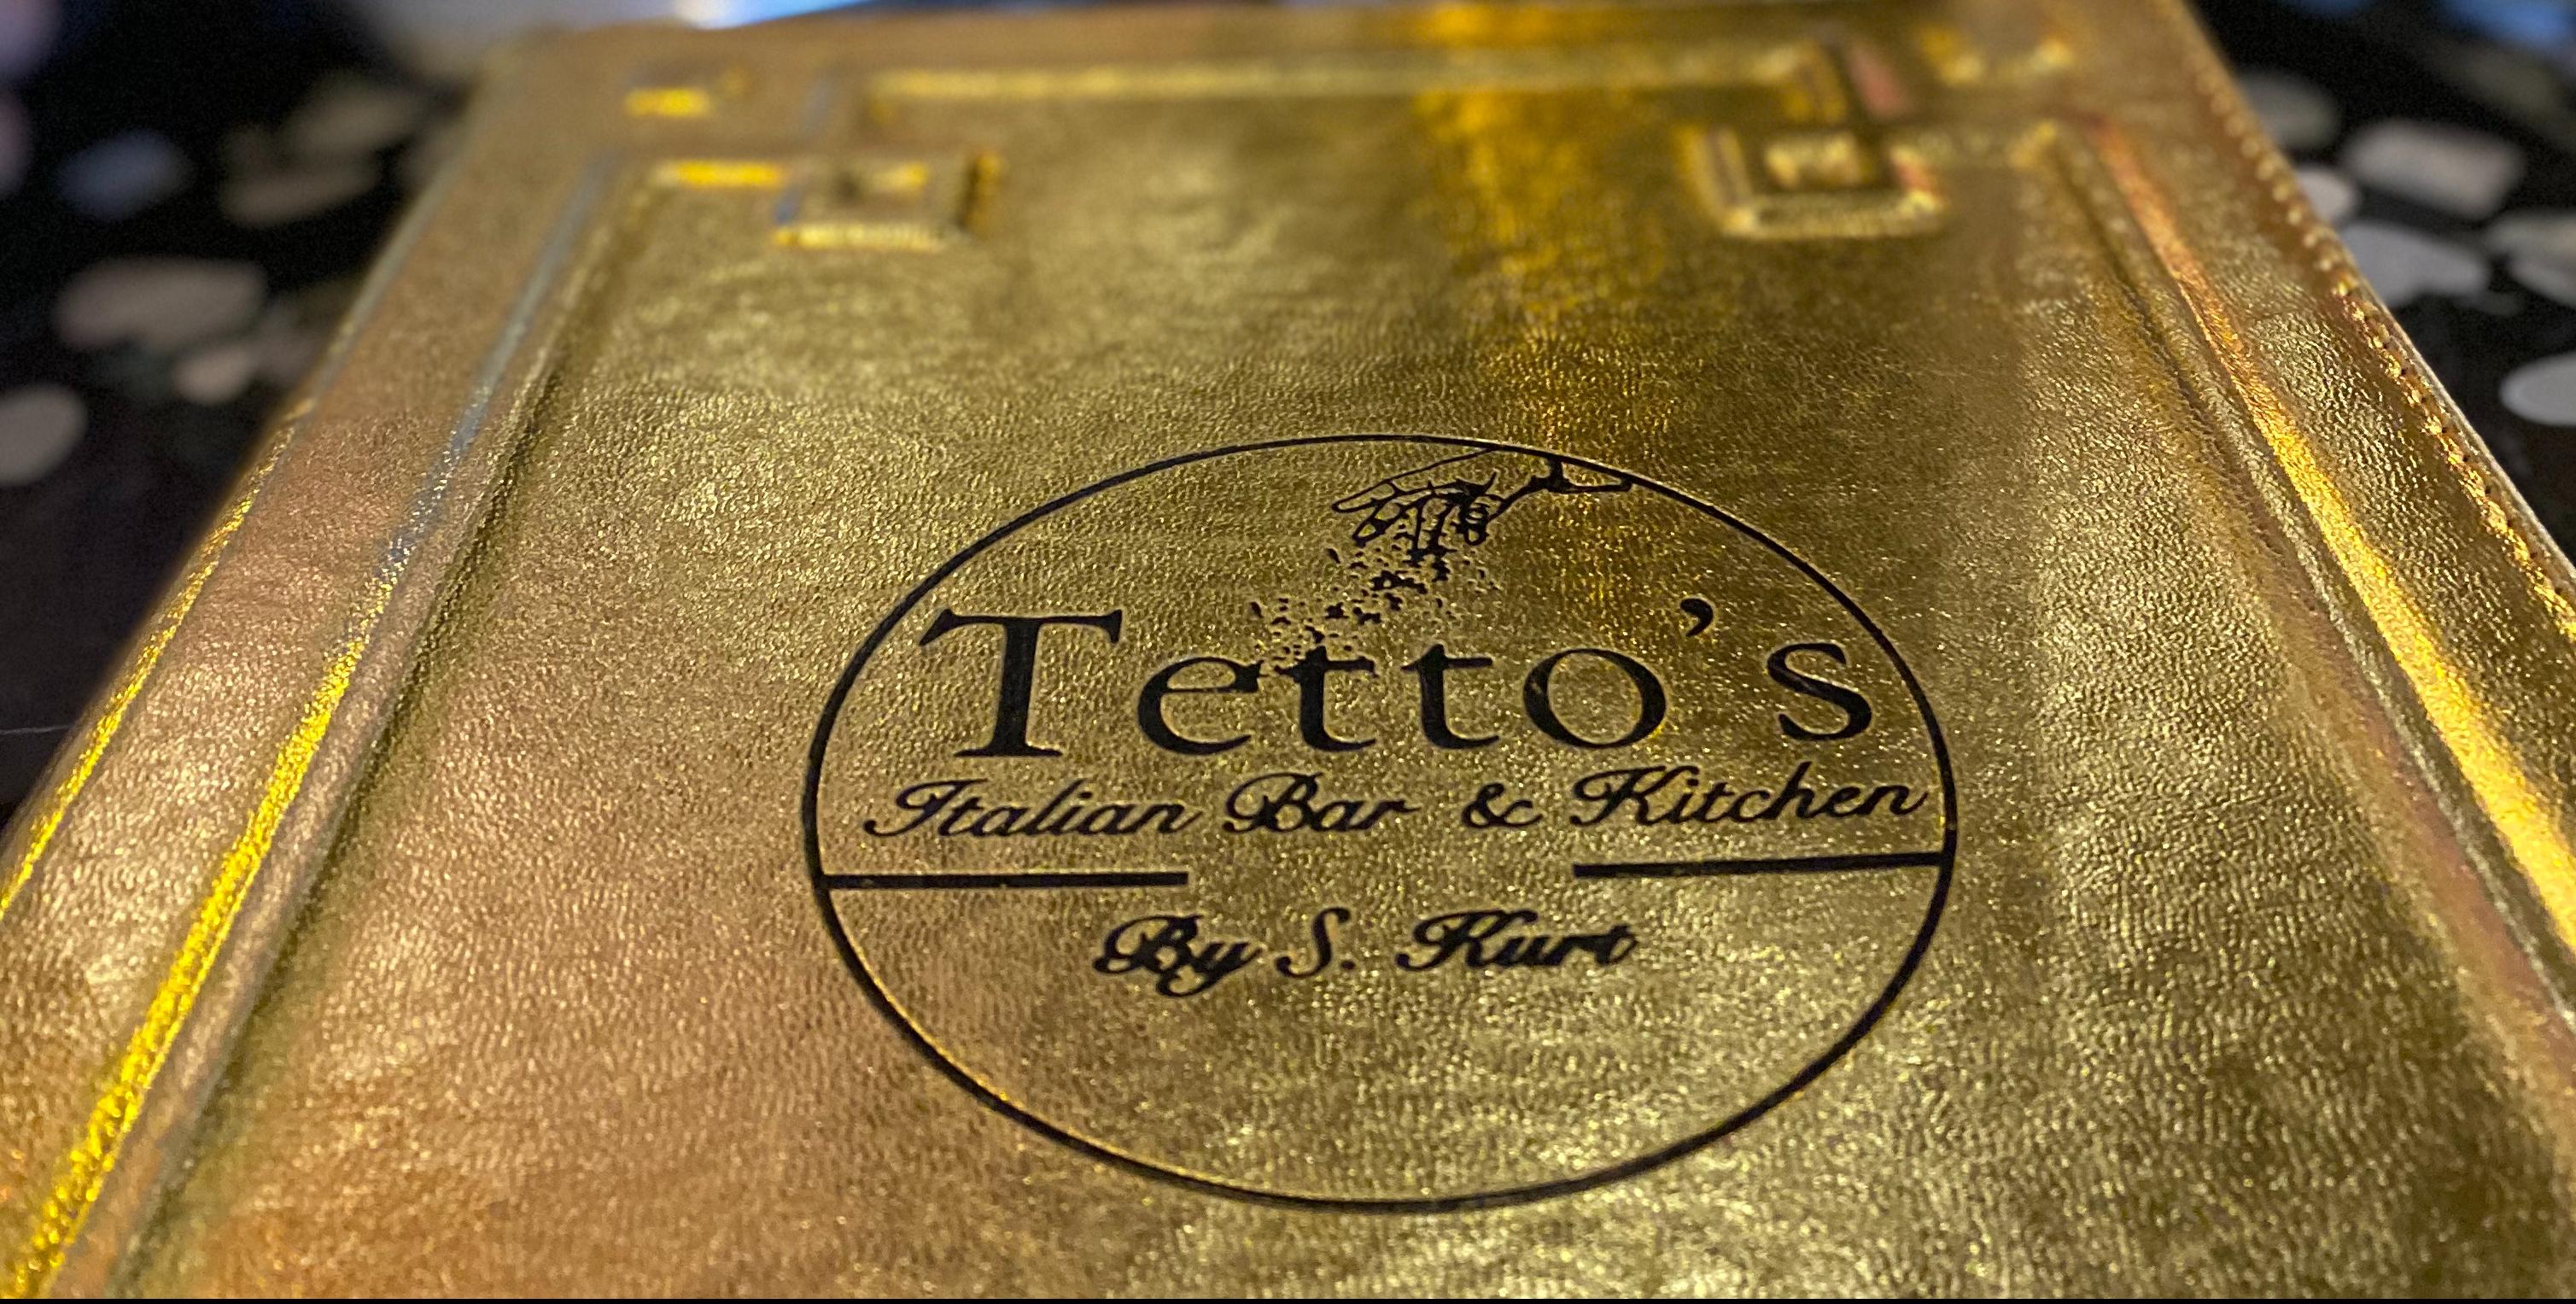 Tetto's Italian Kitchen & Bar